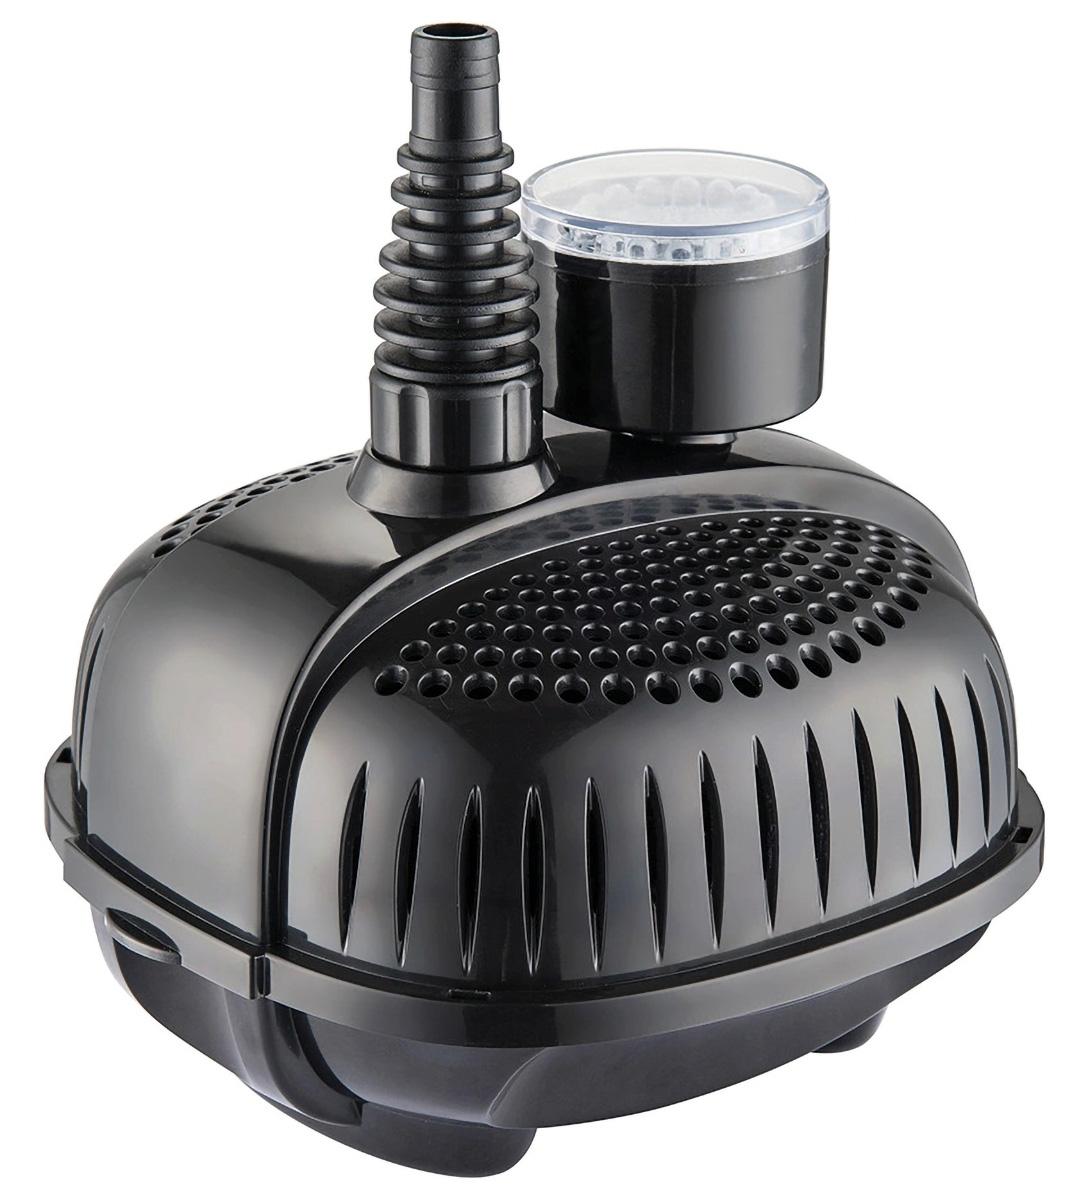 Помпа Фонтанный комплект Barbus Pump 020 1200 л/ч 28 Вт (1 шт) водяная помпа aleas 220 л ч